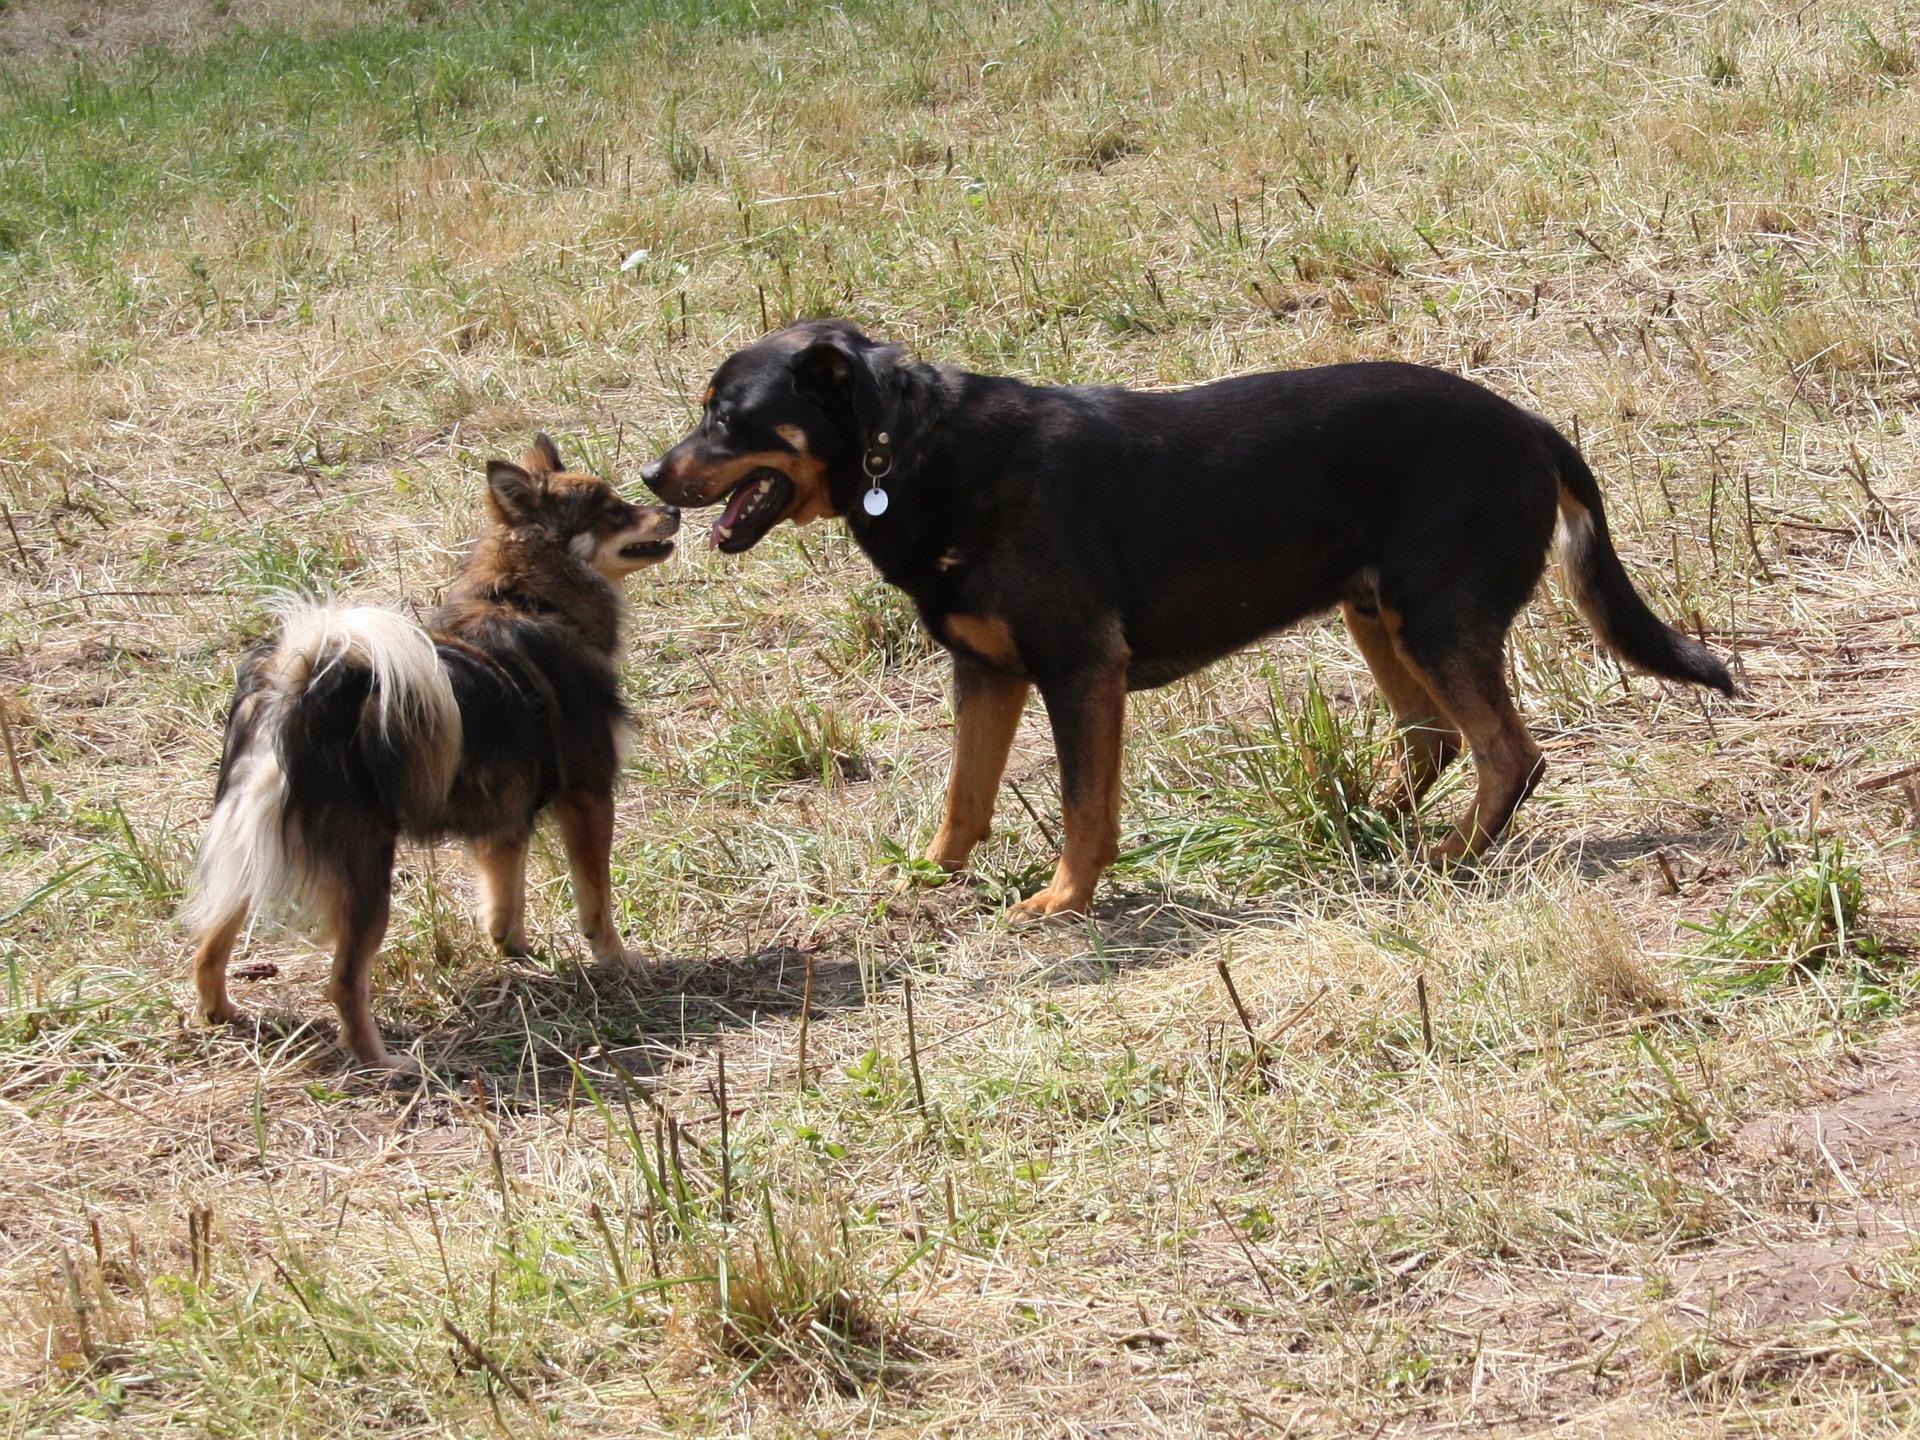 Hilfe, ein Hund kommt - Hundebegegnungen meistern